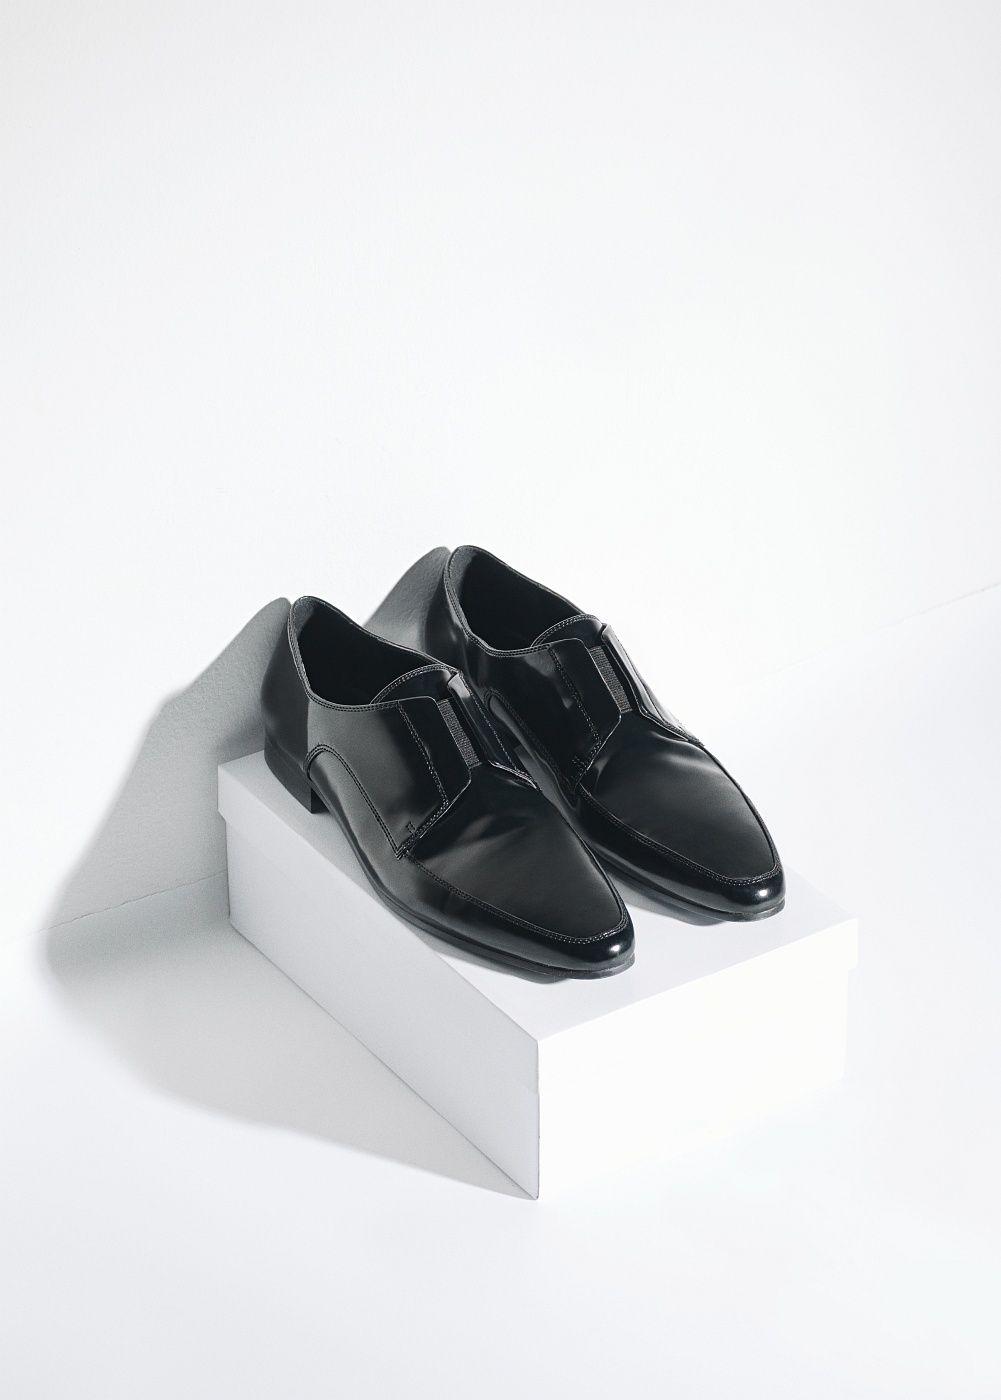 Zapato estilo masculino Mango 25,99€ (oferta hasta 9 de noviembre)